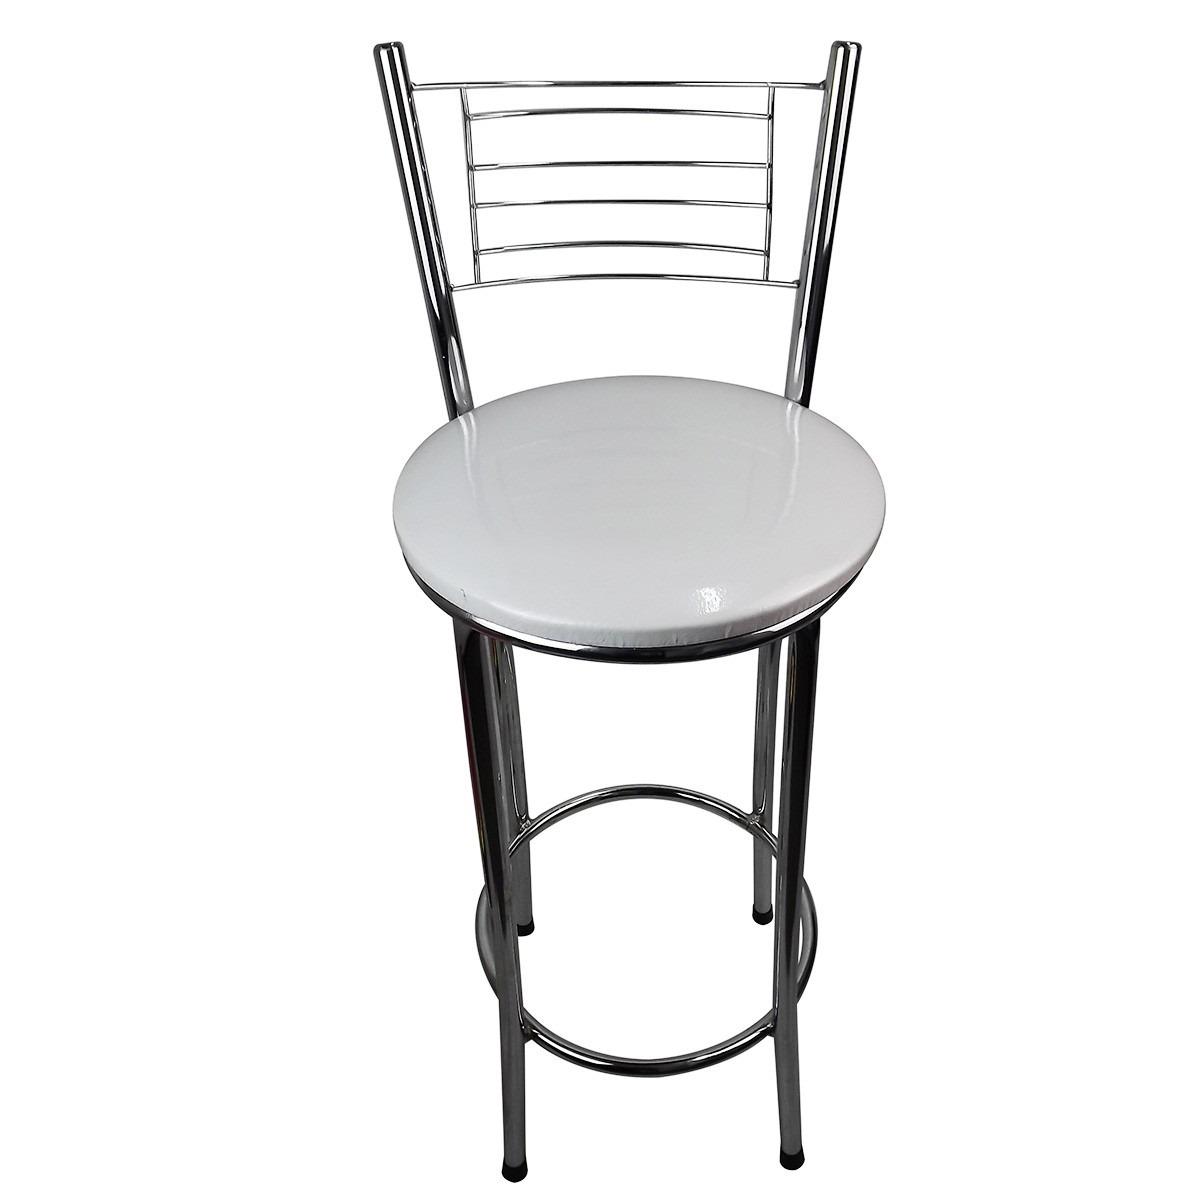 #61666A banqueta cozinha aço cromado com assento corino branco 1200x1200 px Banquetas Para Cozinha Americana No Mercado Livre #1575 imagens